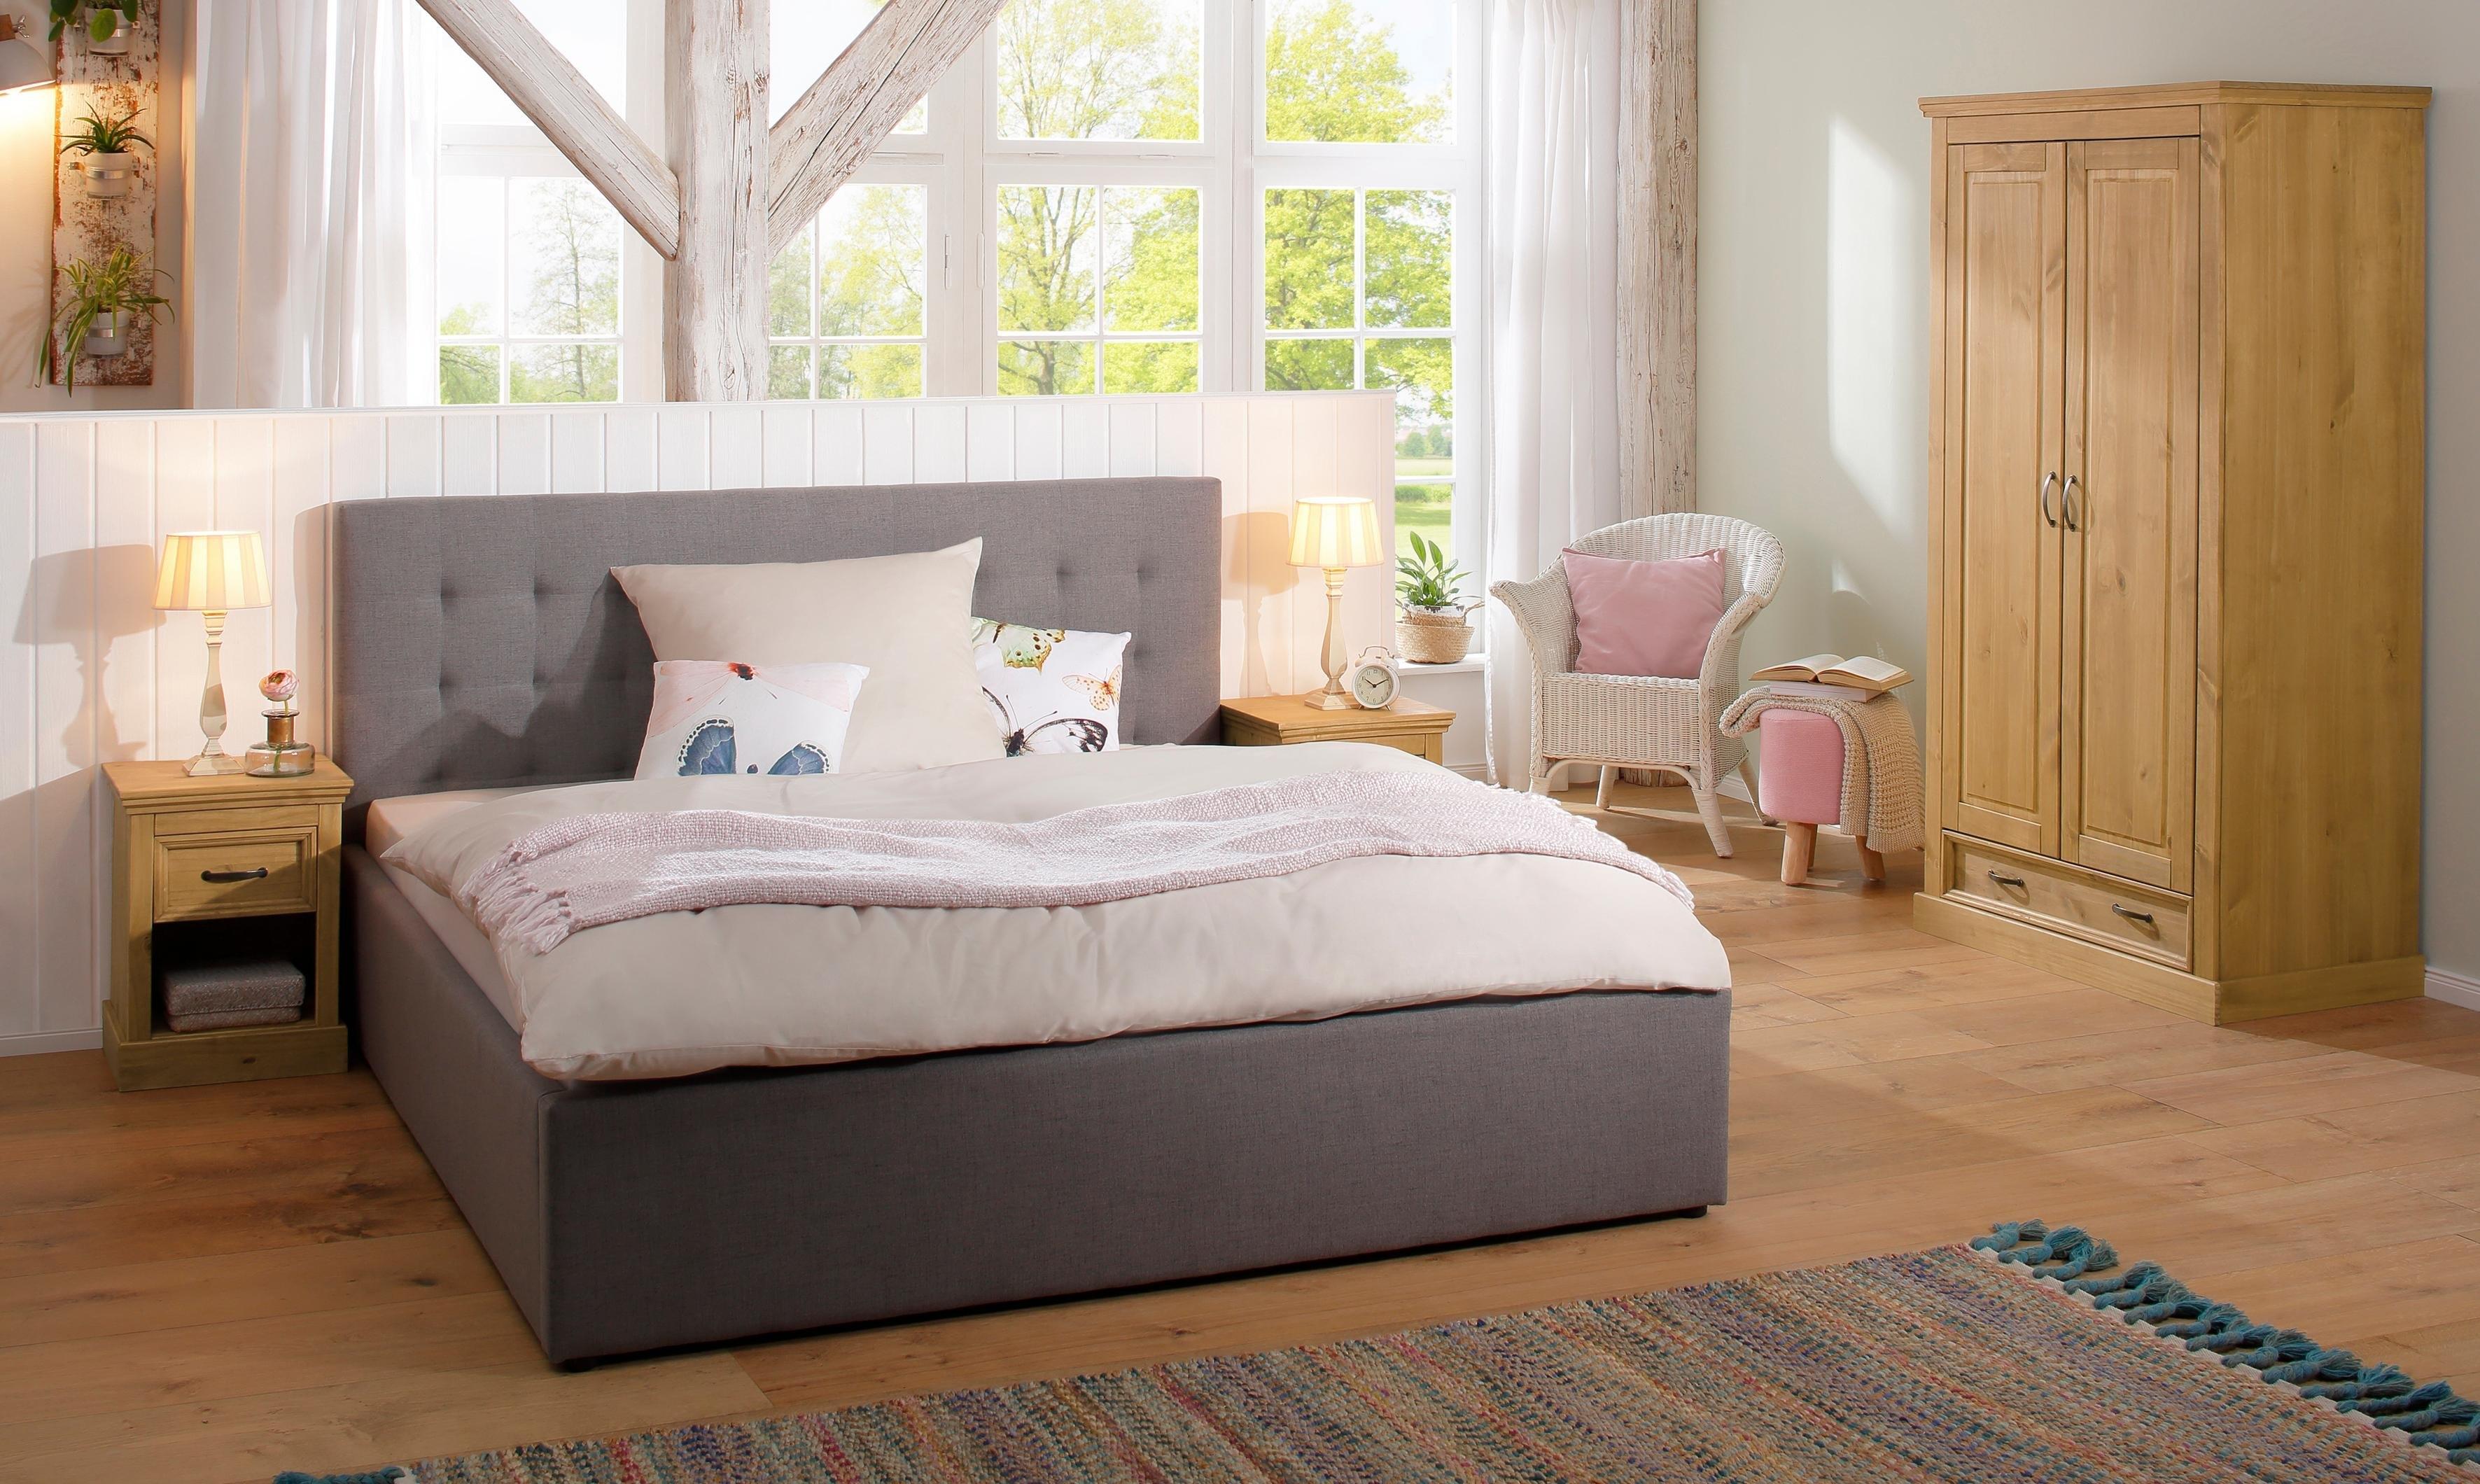 https://i.otto.nl/i/otto/25920156/home-affaire-tweedeurs-garderobekast-selma-voor-de-slaapkamer-van-massief-hout-hoogte-190-cm-bruin.jpg?$ovnl_seo_index$